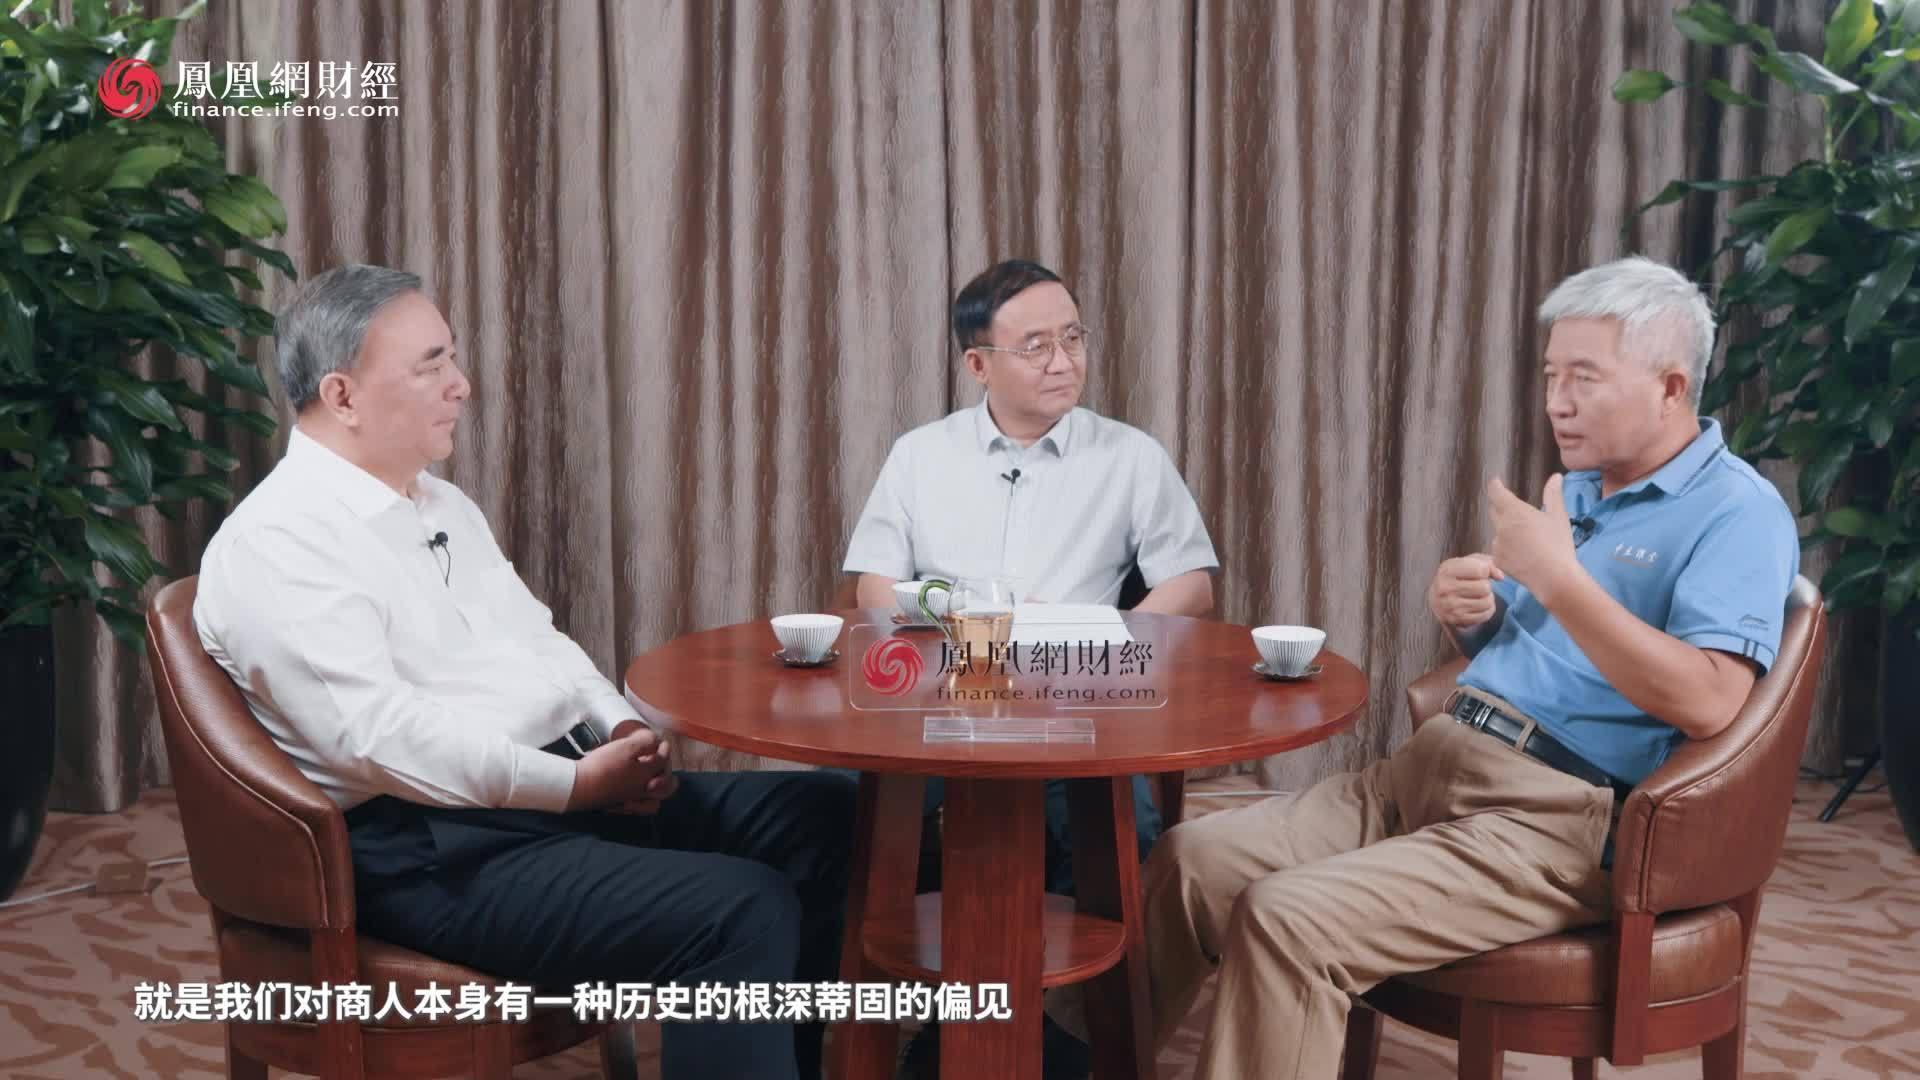 宋志平、张维迎、刘科:论道企业家精神 巅峰对话(全集完整视频)